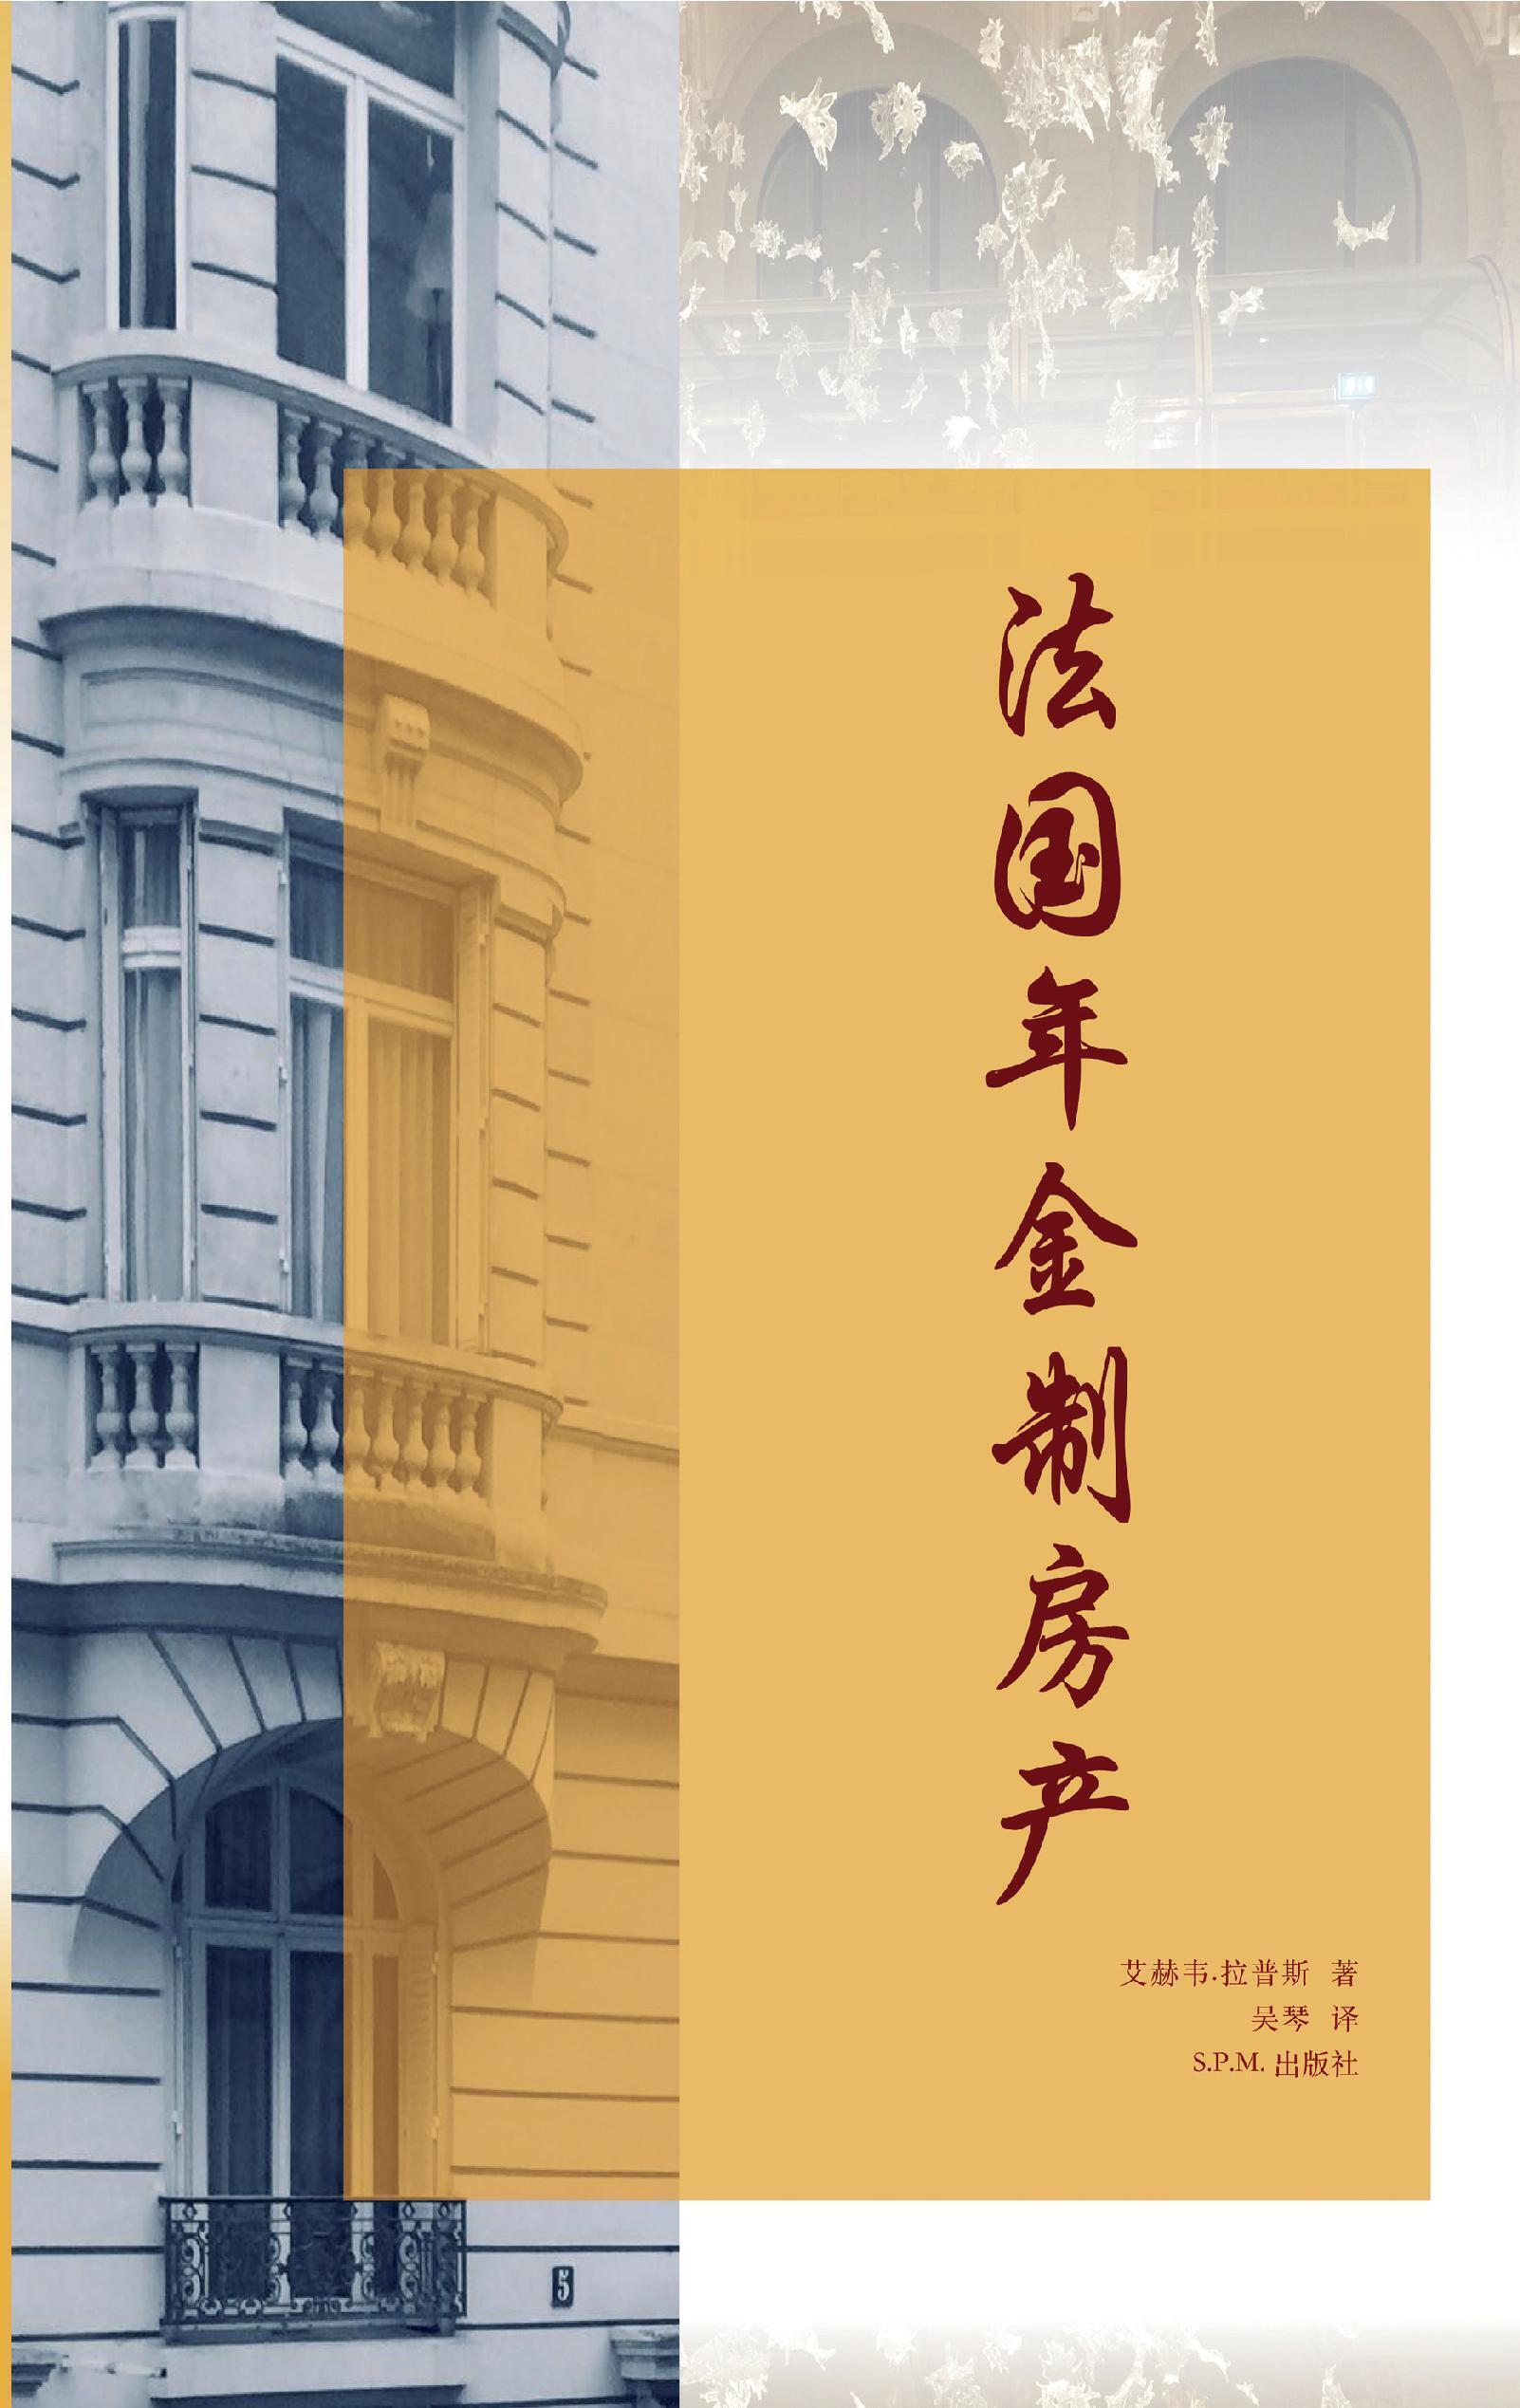 旅法終身年金專業人士吳琴翻譯出版了Herve lapous 撰寫的關於《法國年金制房產》